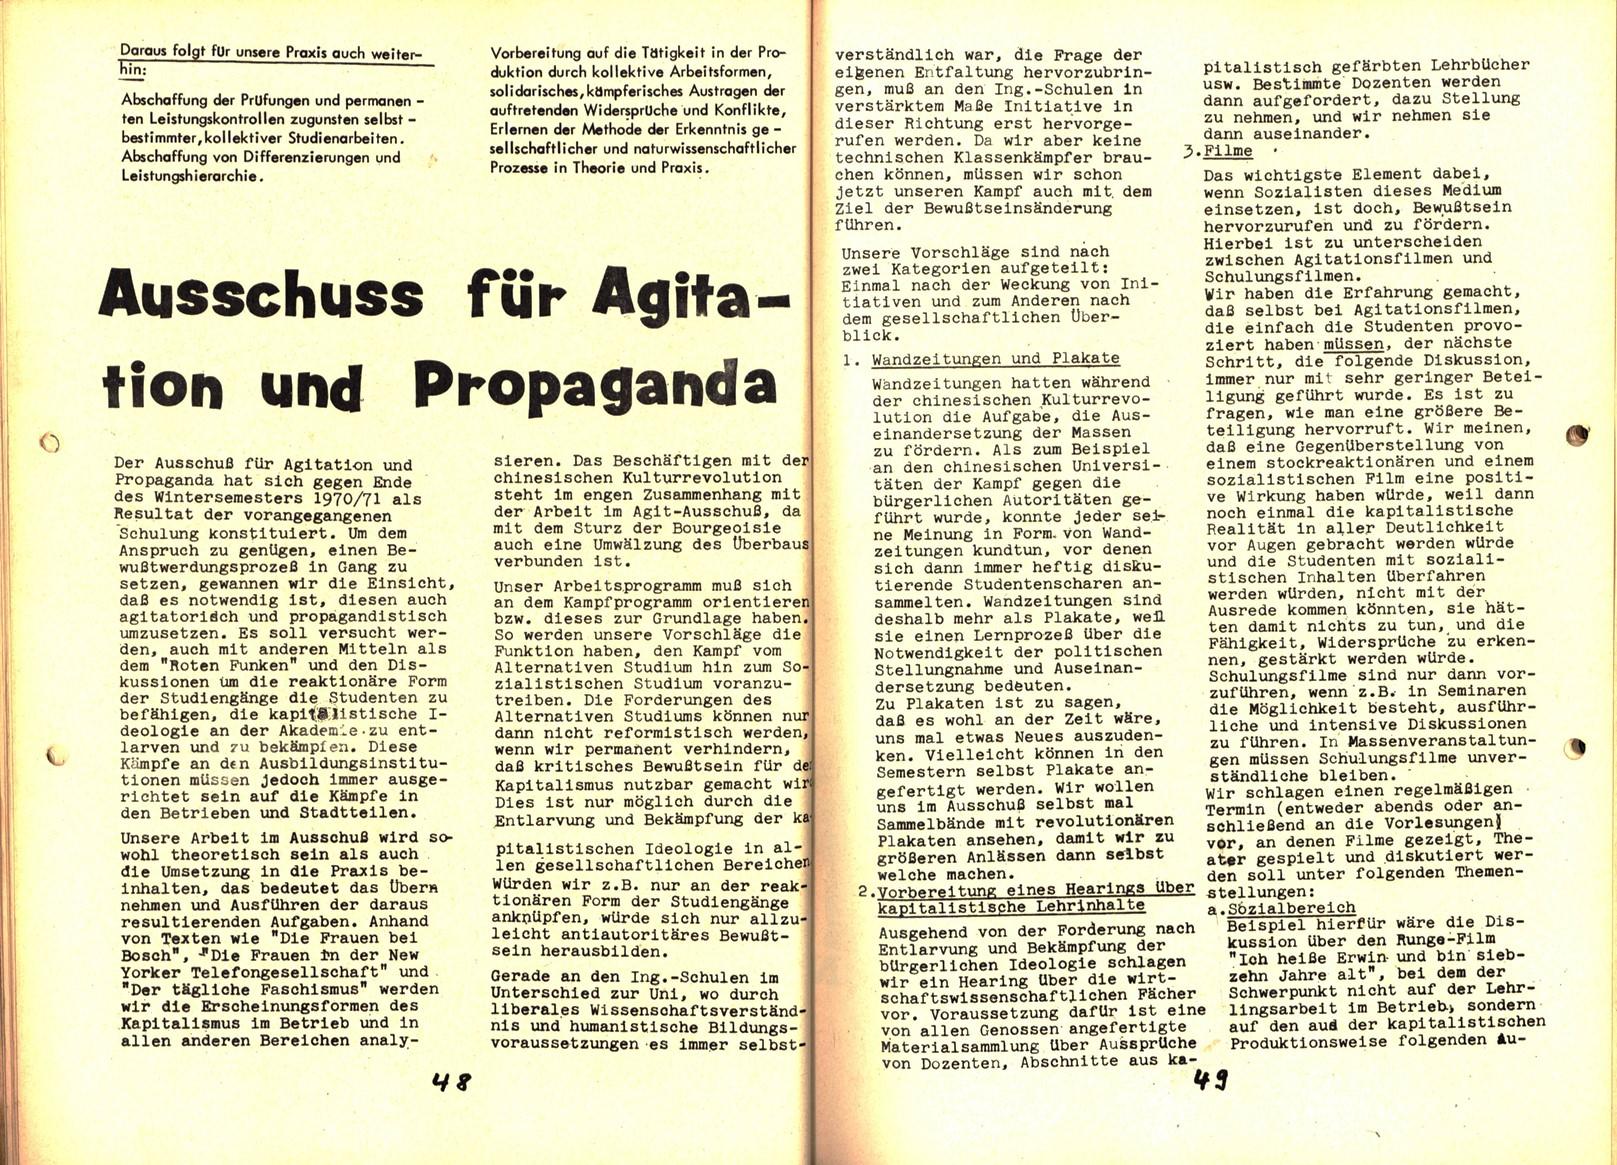 Berlin_Rotzing_1971_Kampfbericht_25